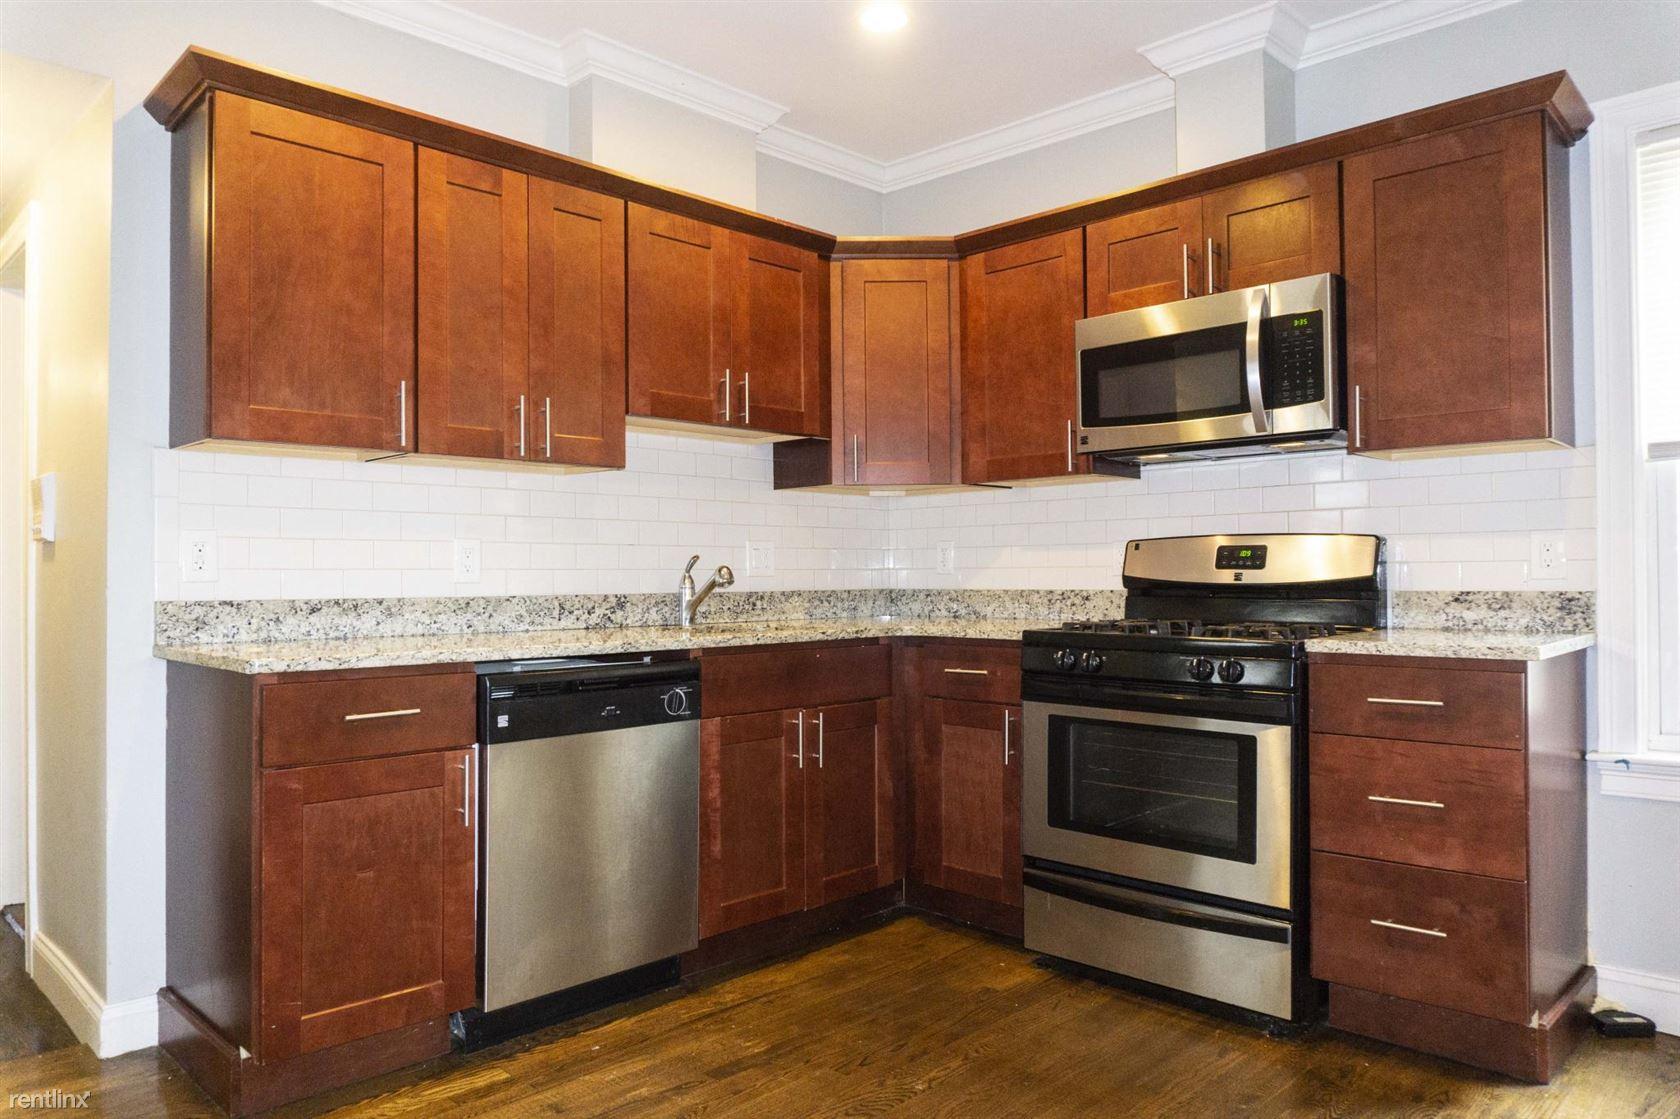 47 Beech Glen St Apt 1-2, Boston, MA - $6,500